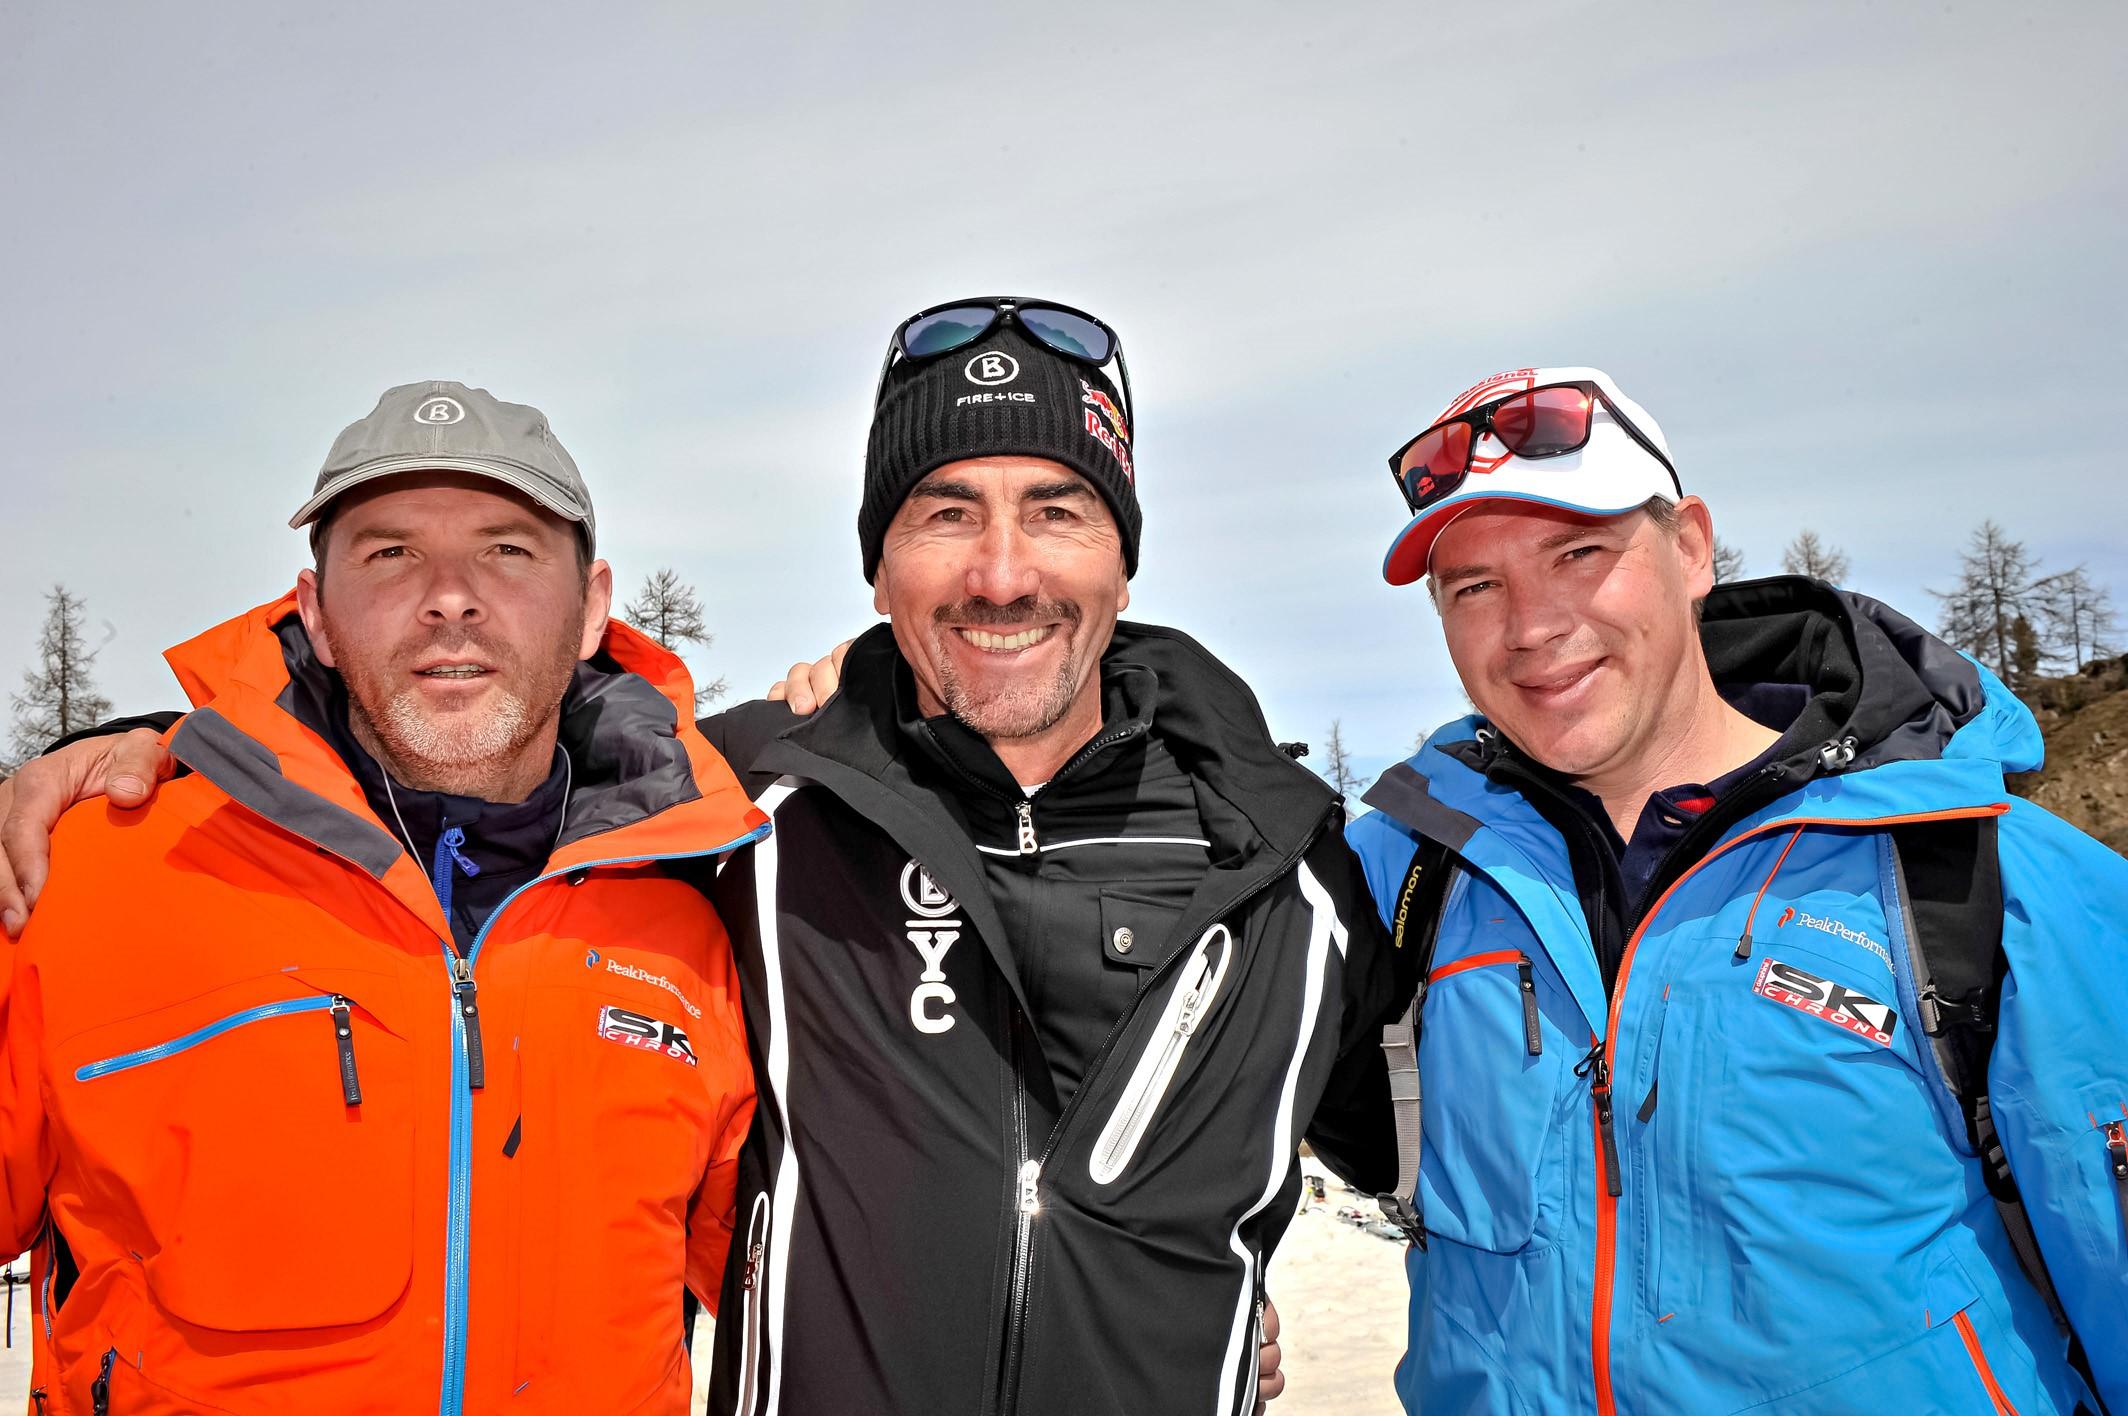 Au challenge des moniteurs à Serre-Che en 2015 avec Luc Alphand et Jonathan Gaillard de Ski Chrono